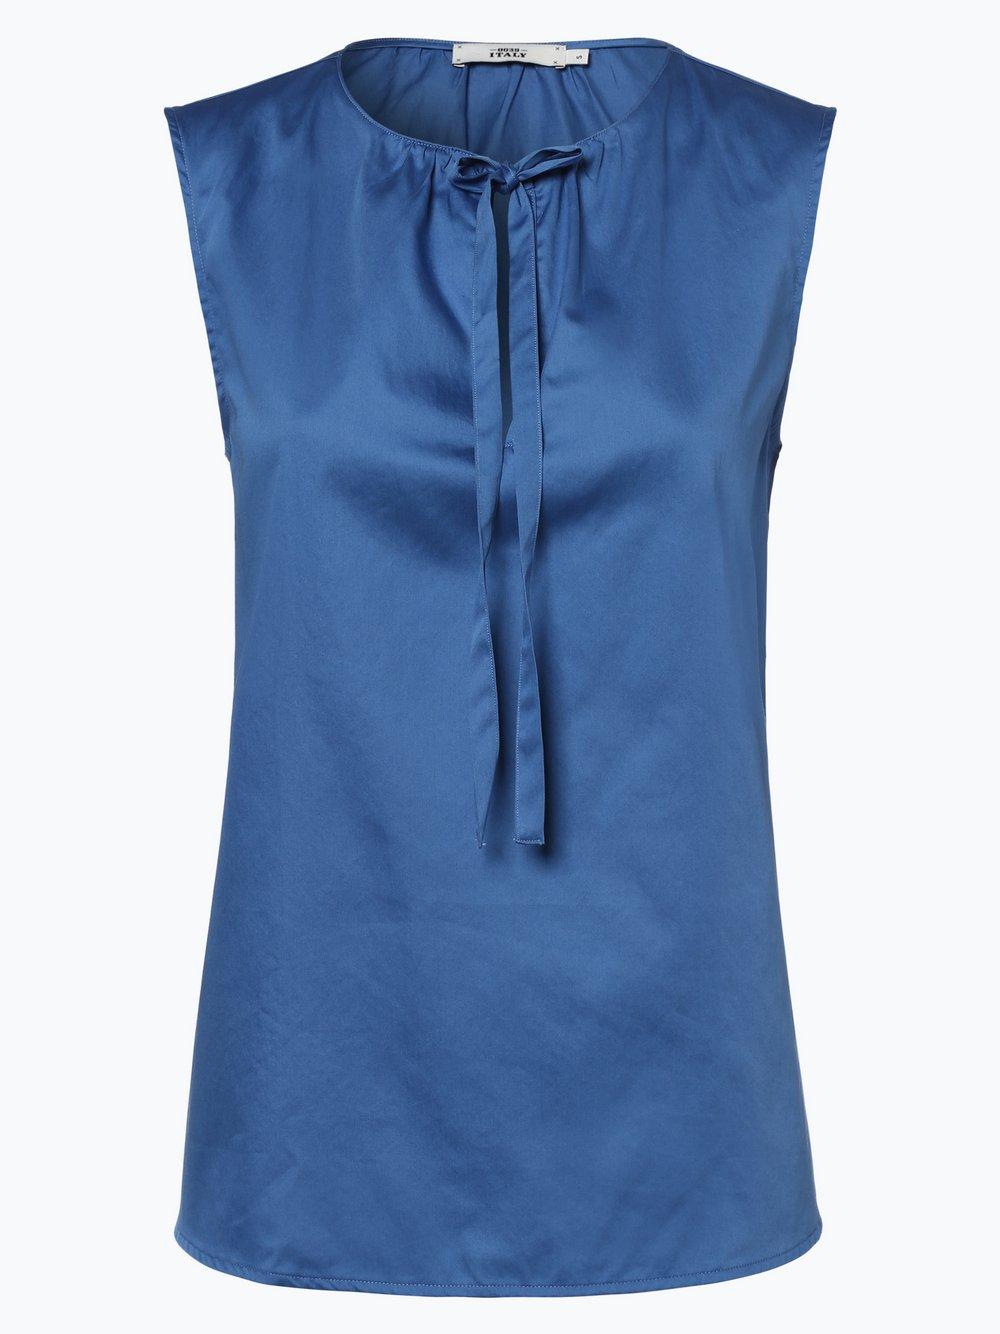 Obraz przedstawiający 0039 Italy - Damska bluzka bez rękawów, niebieski